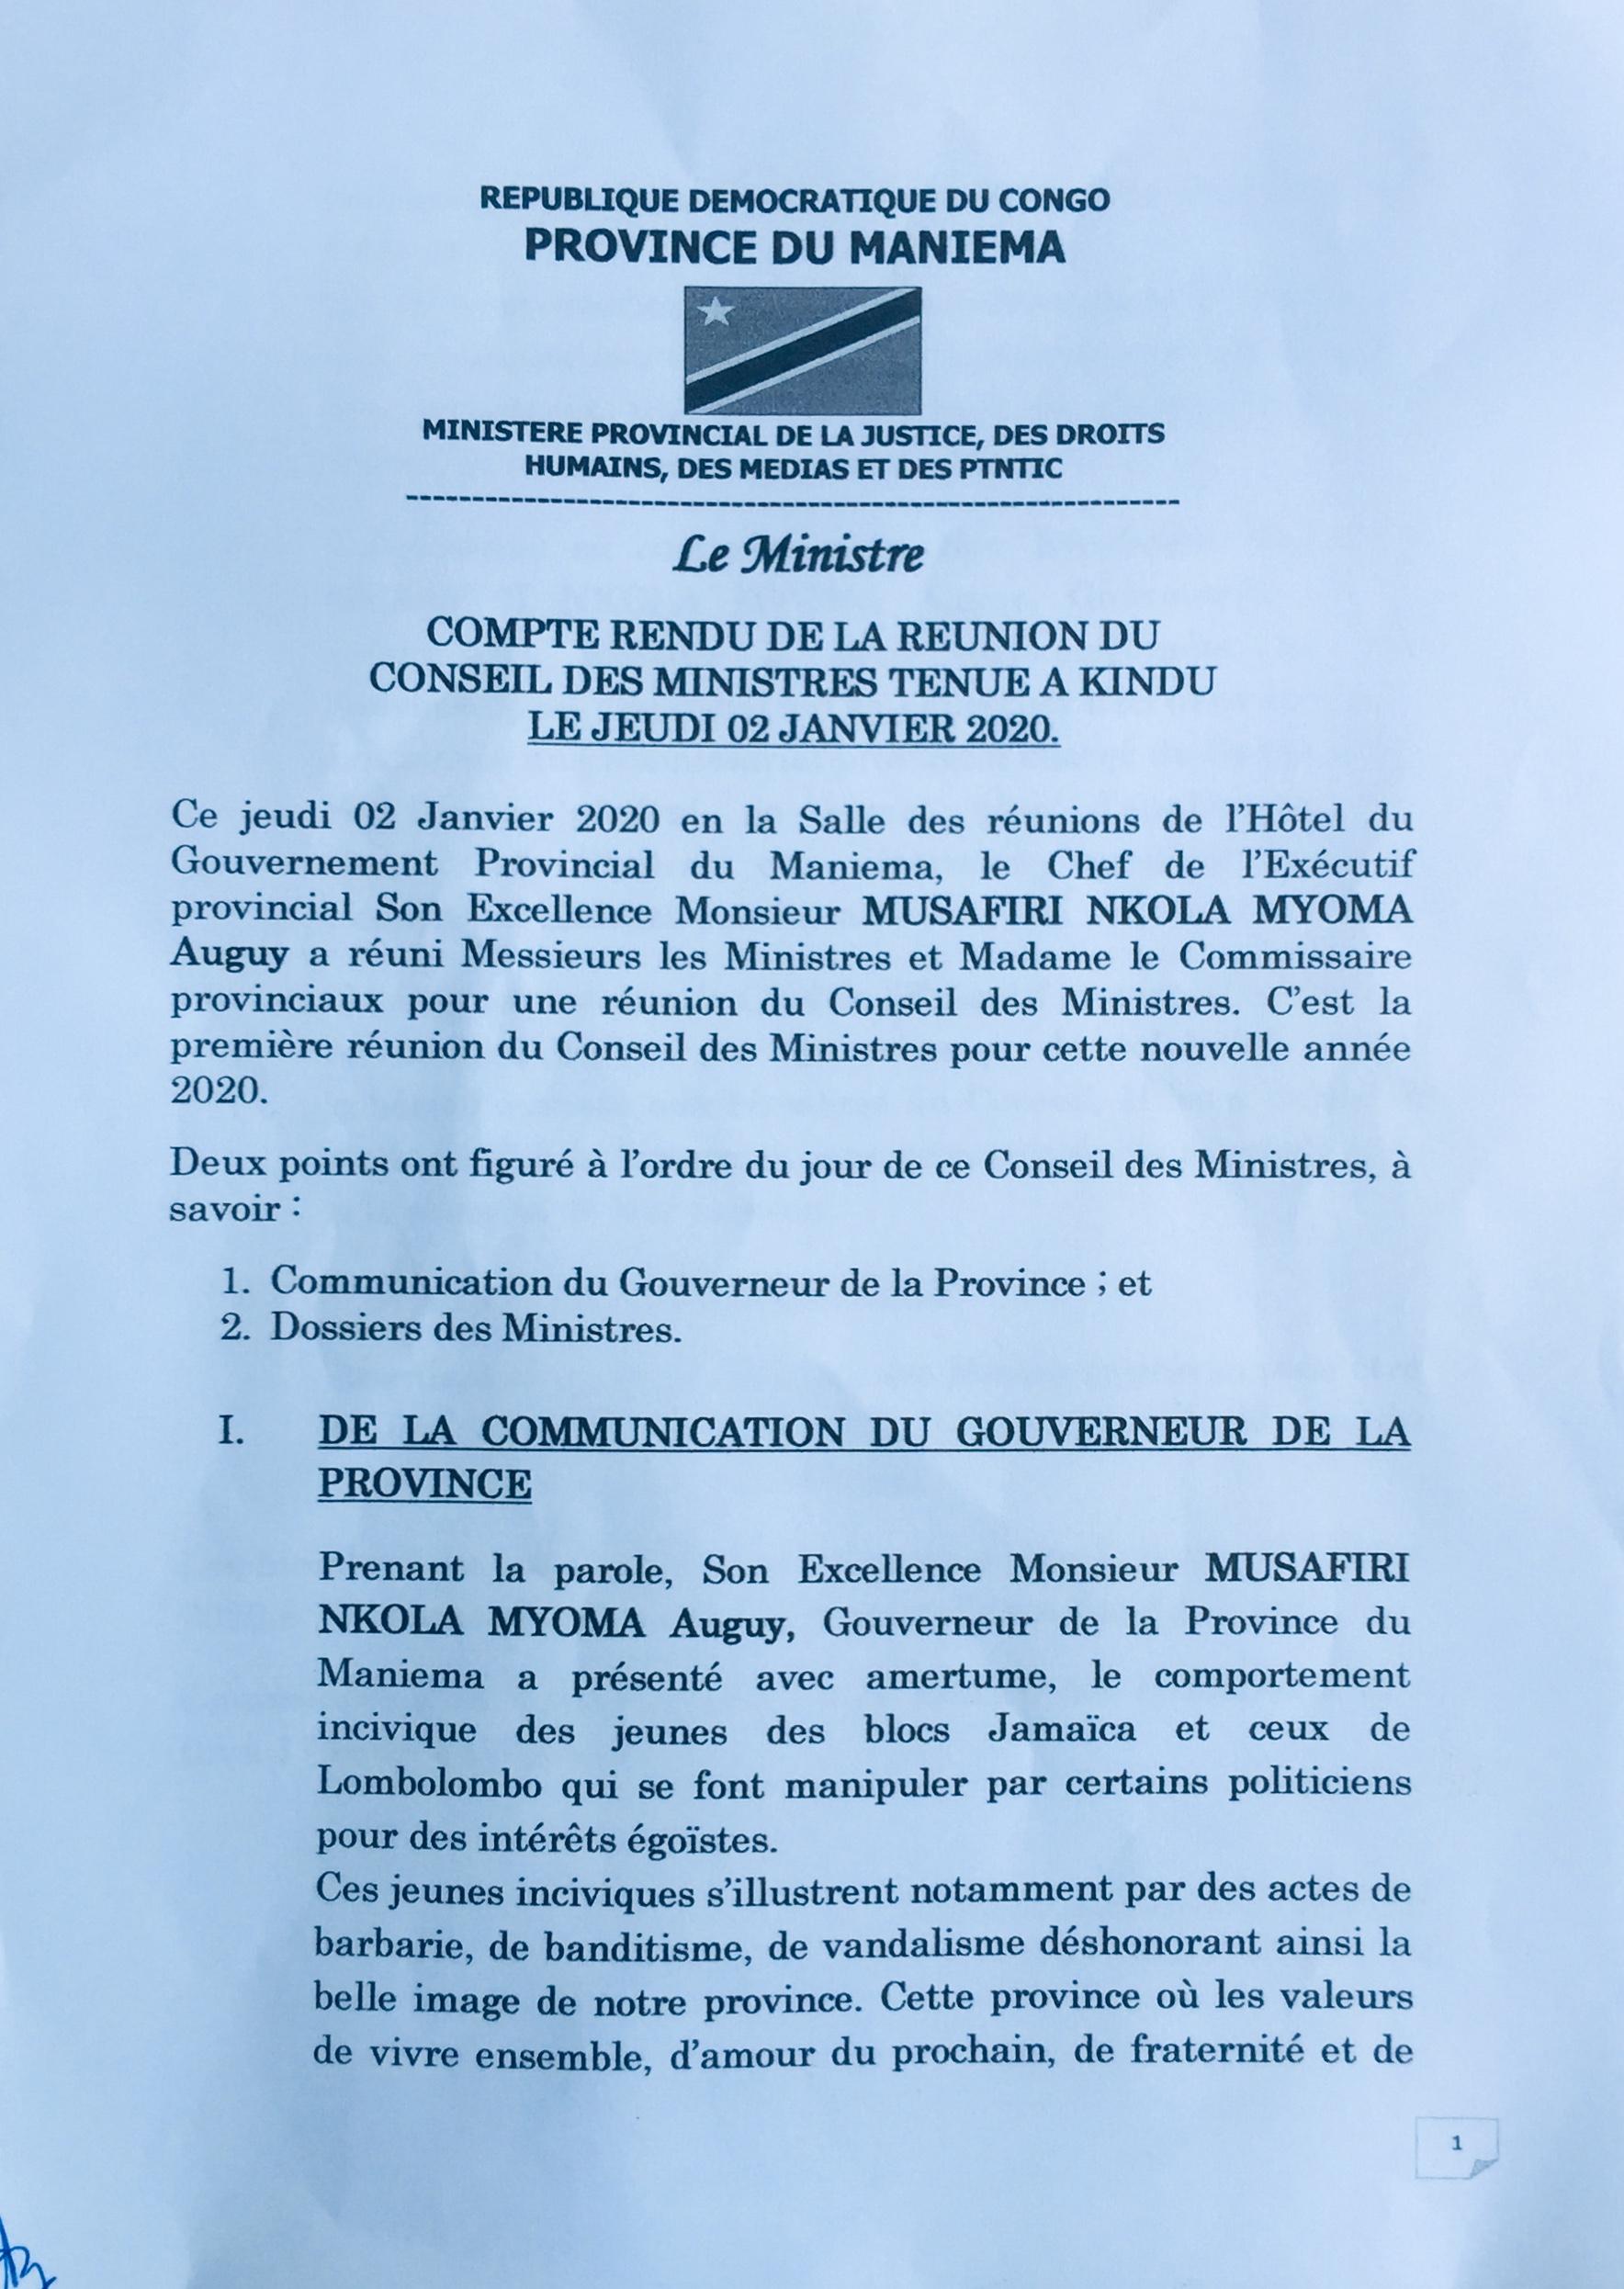 Compte rendu de la réunion du conseil des ministres tenue à Kindu le jeudi 02 janvier 2020